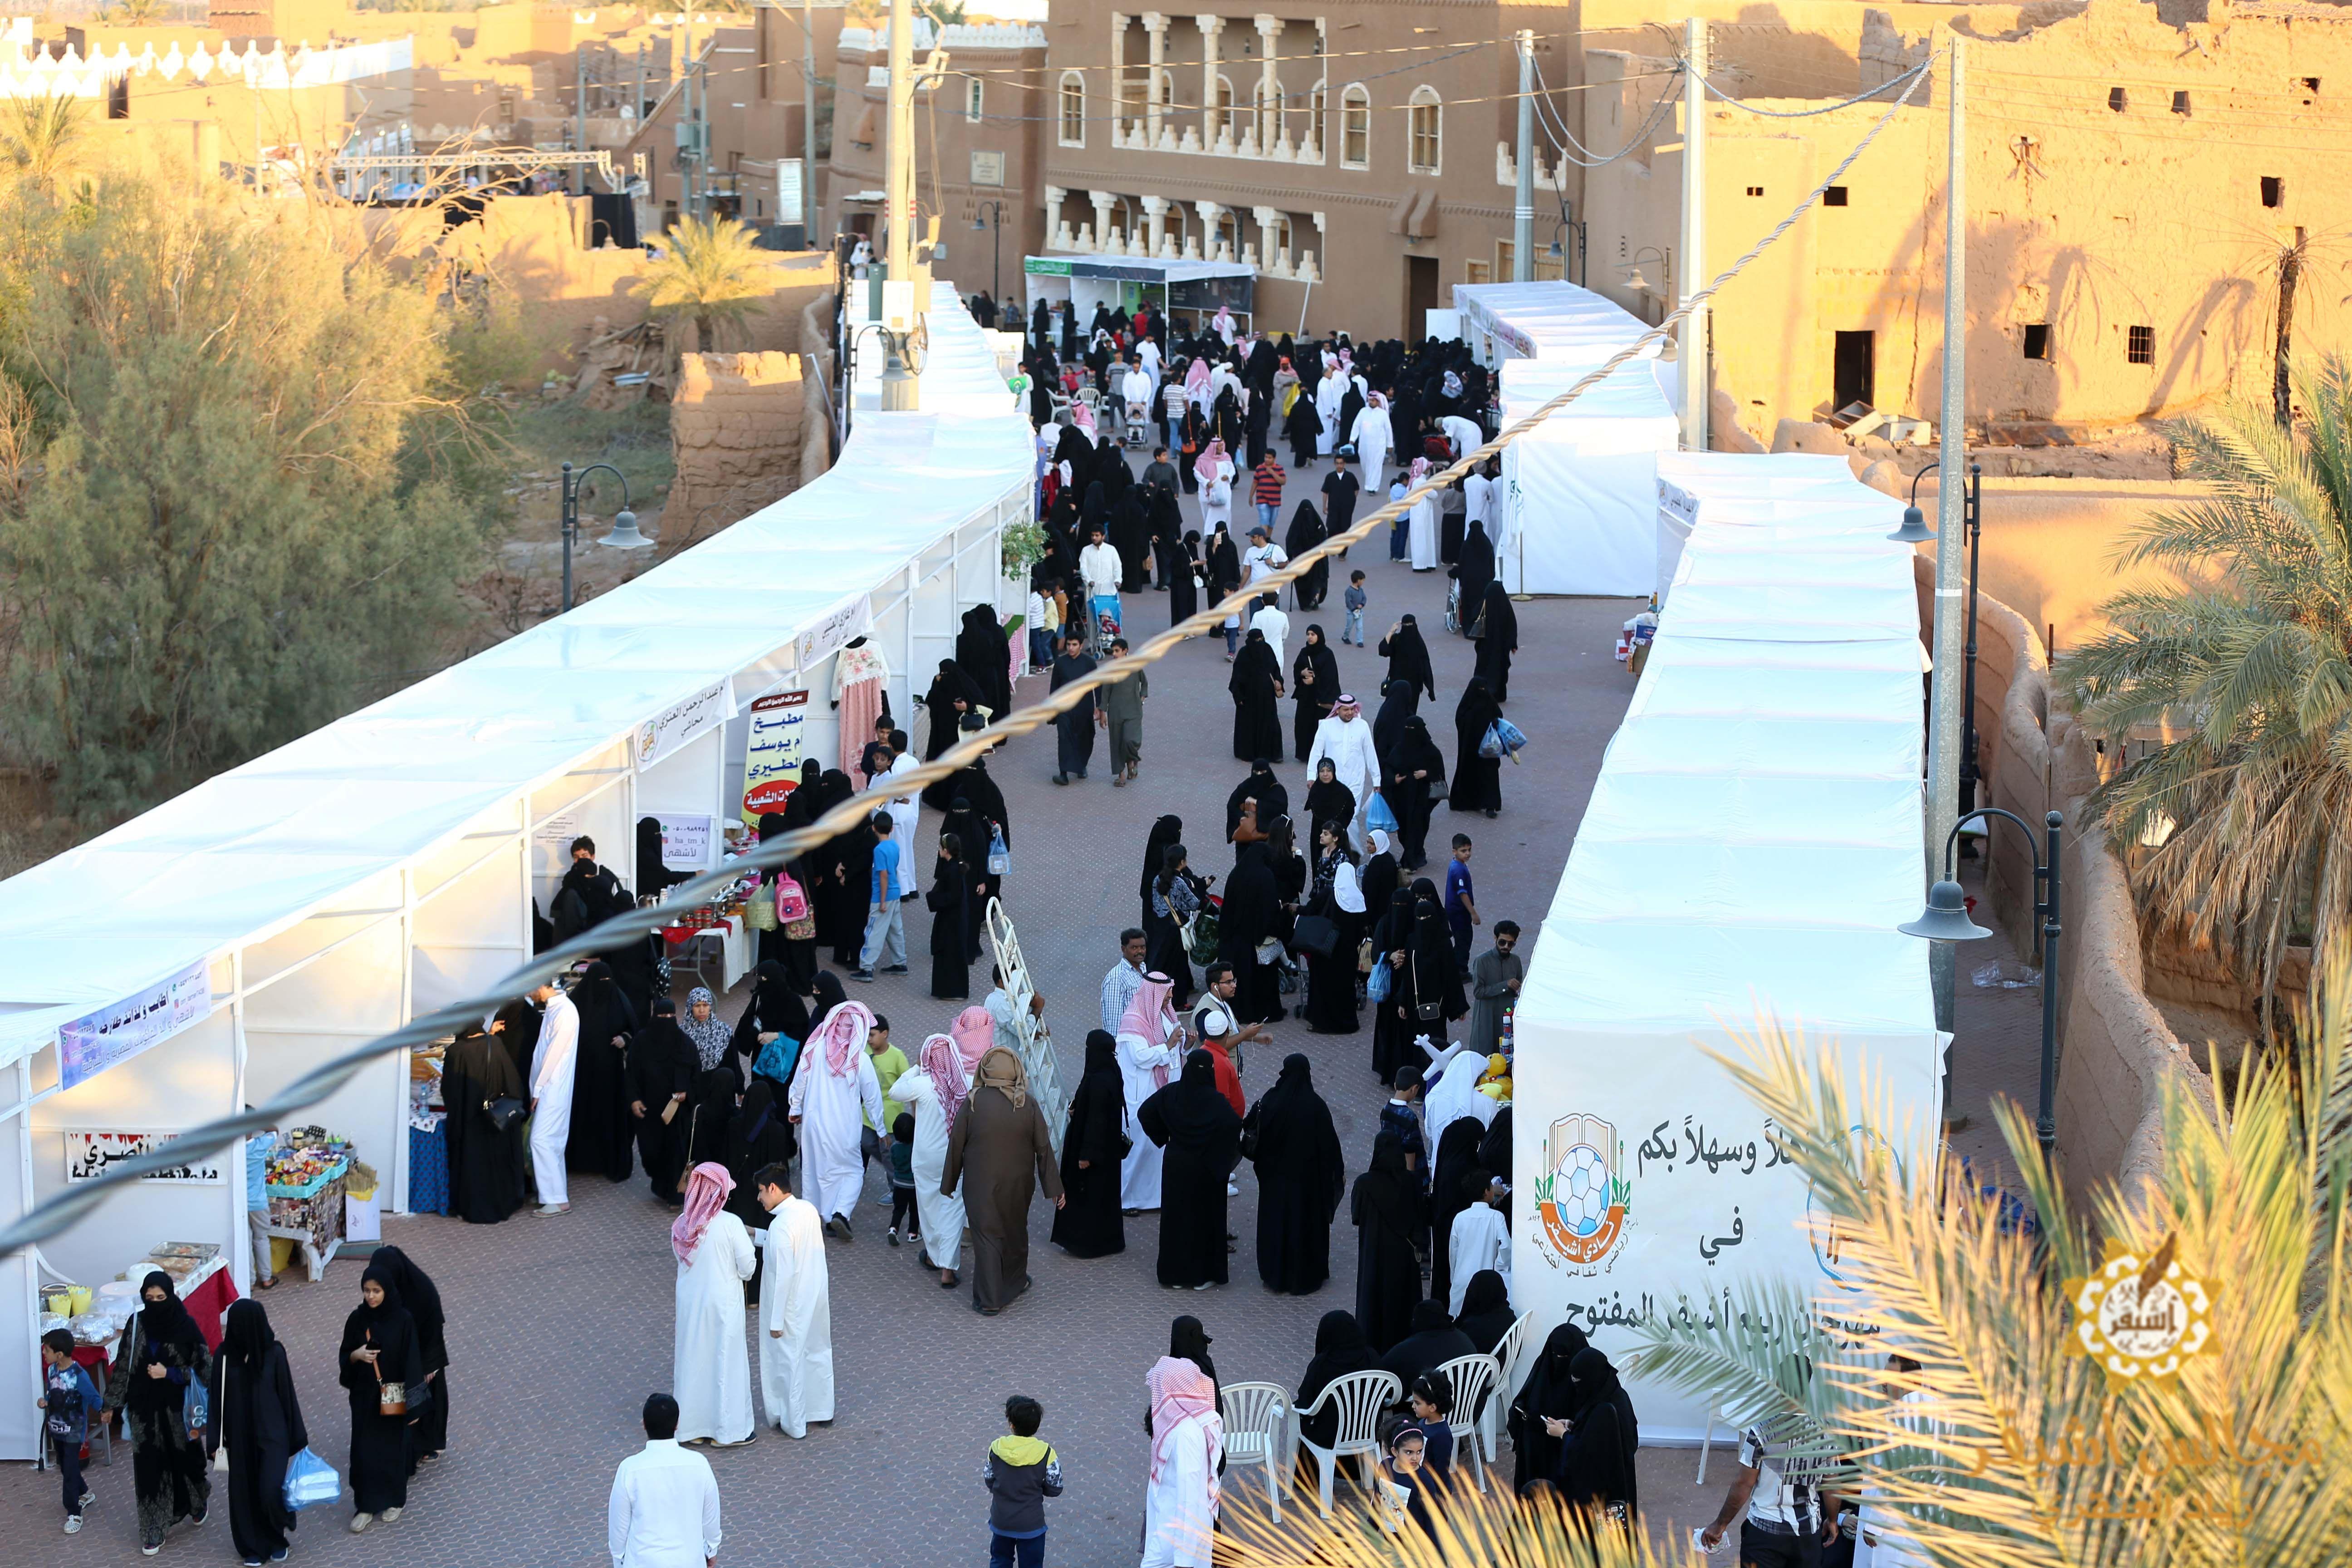 صورة حضور كبير مع انطلاق مهرجان ربيع أشيقر يوم أمس